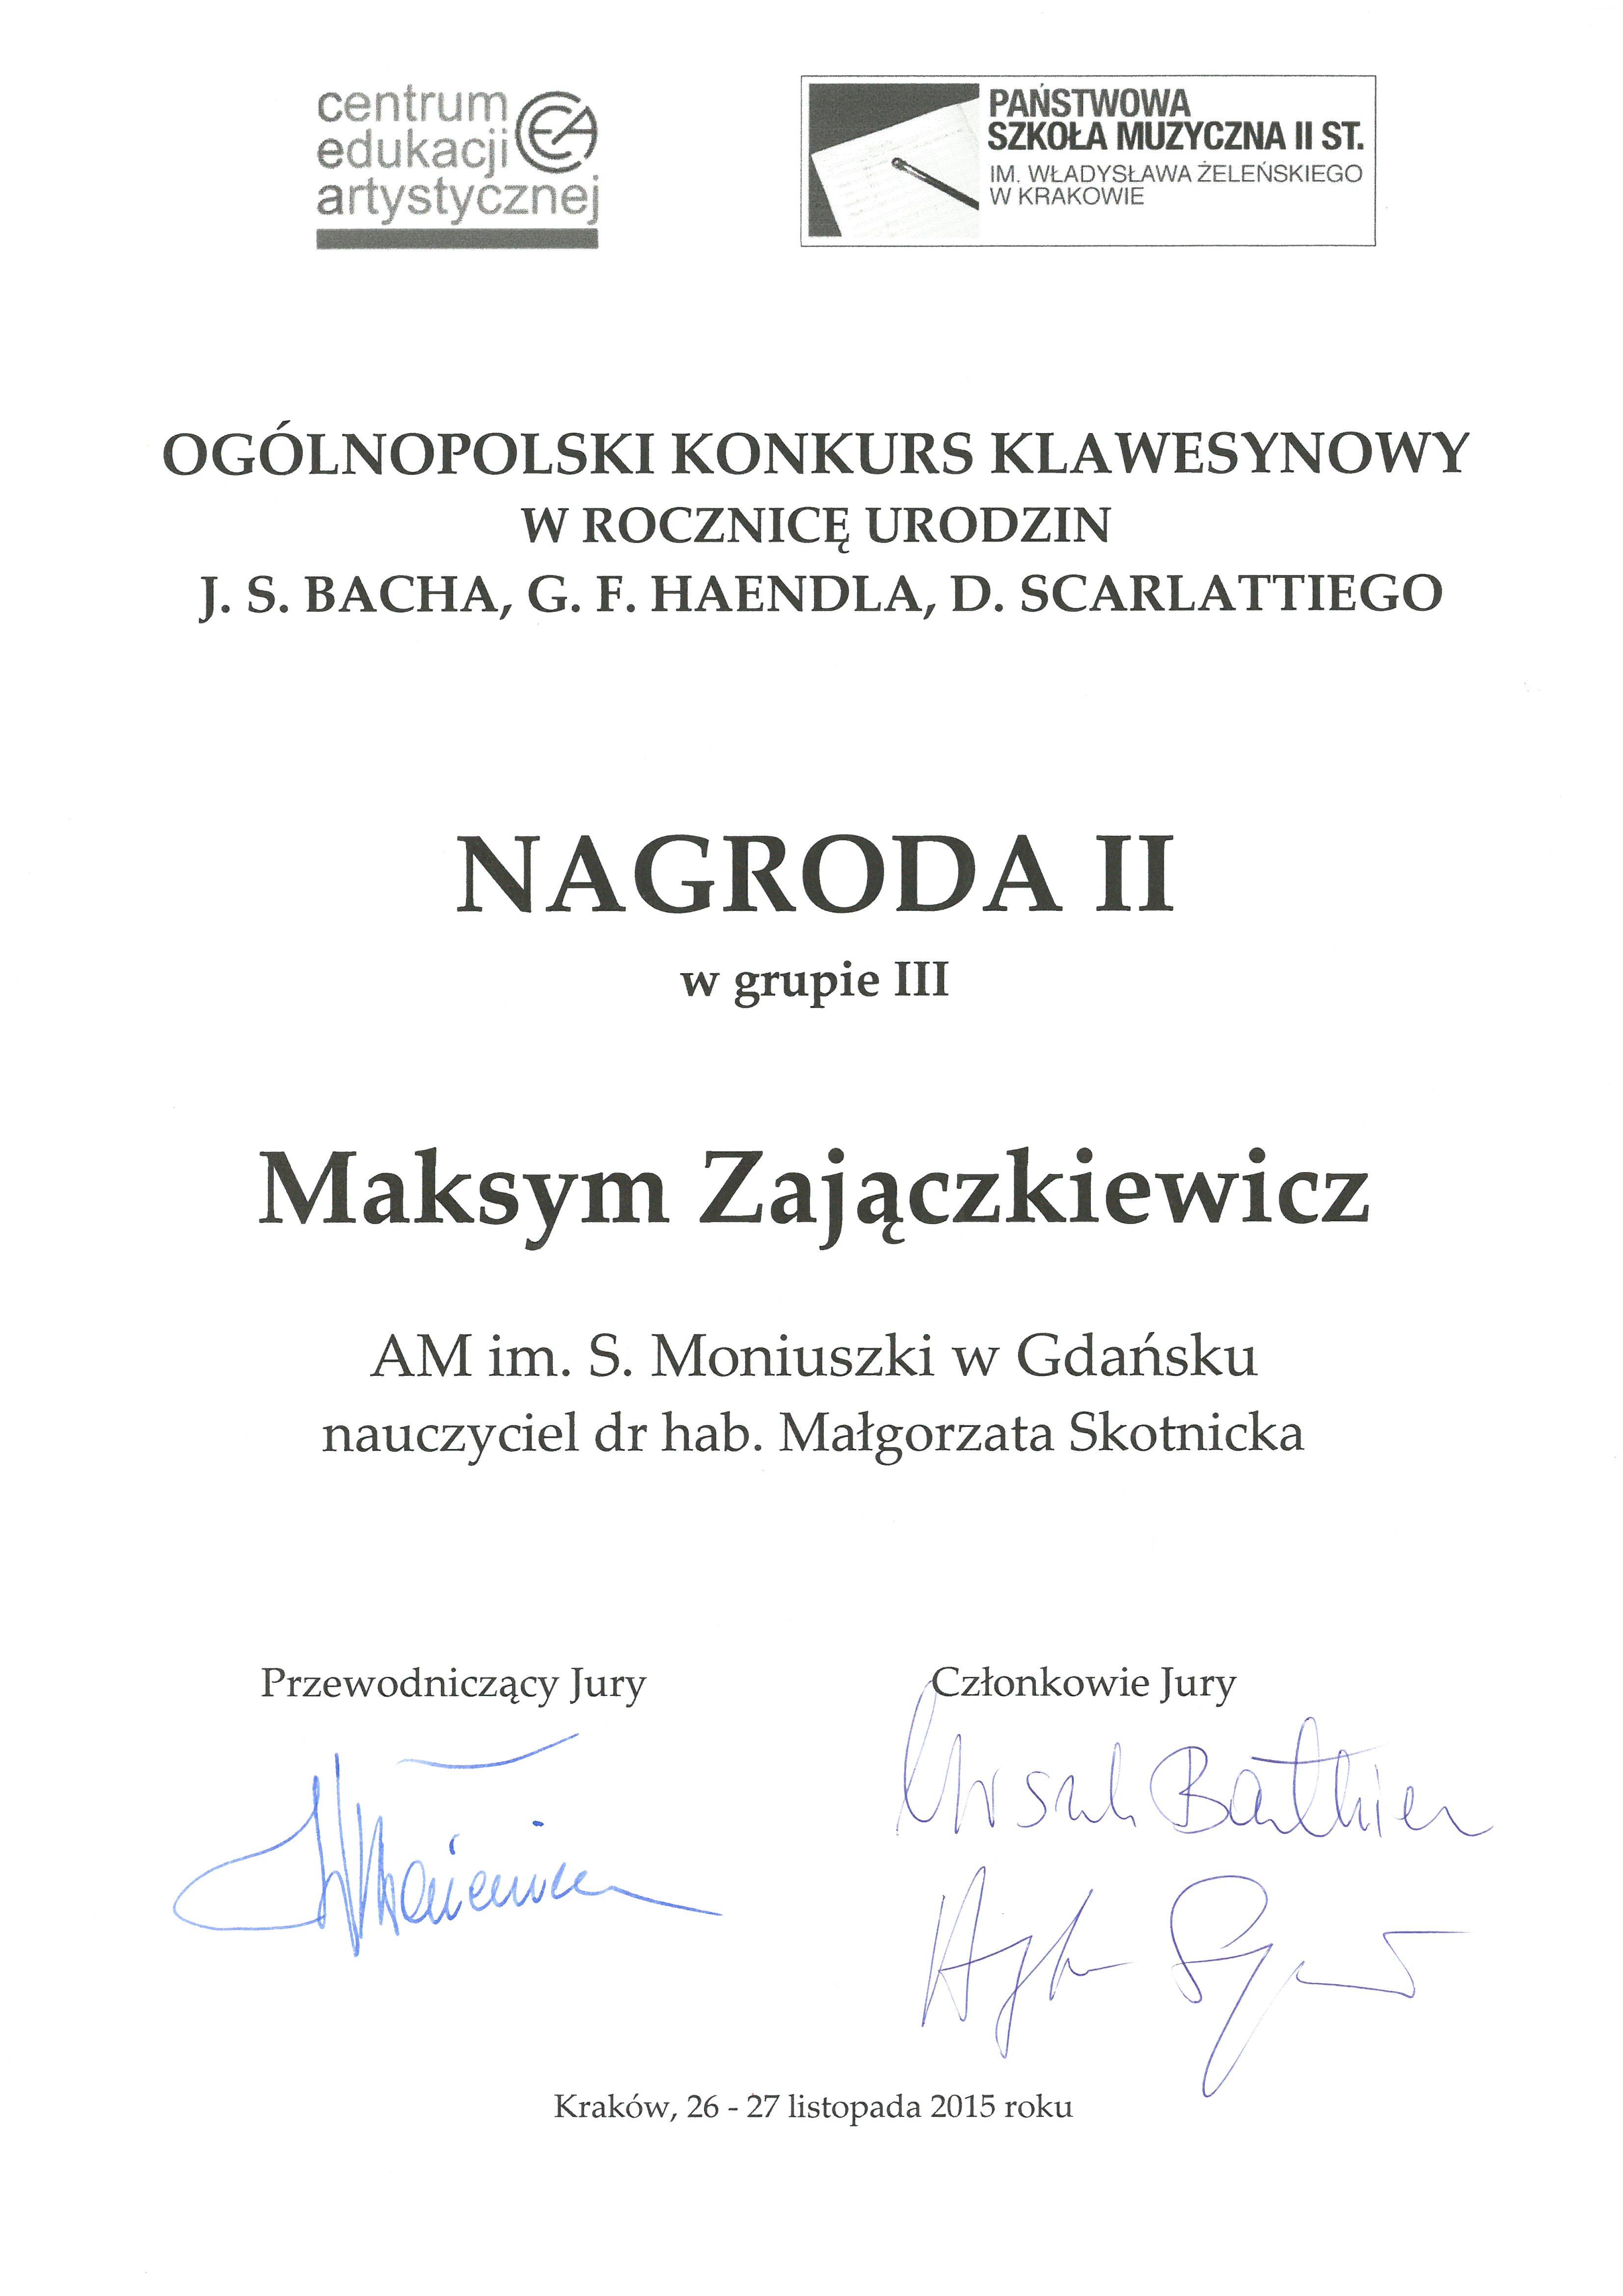 Zajaczkiewicz_II nagroda_Krakow_2015